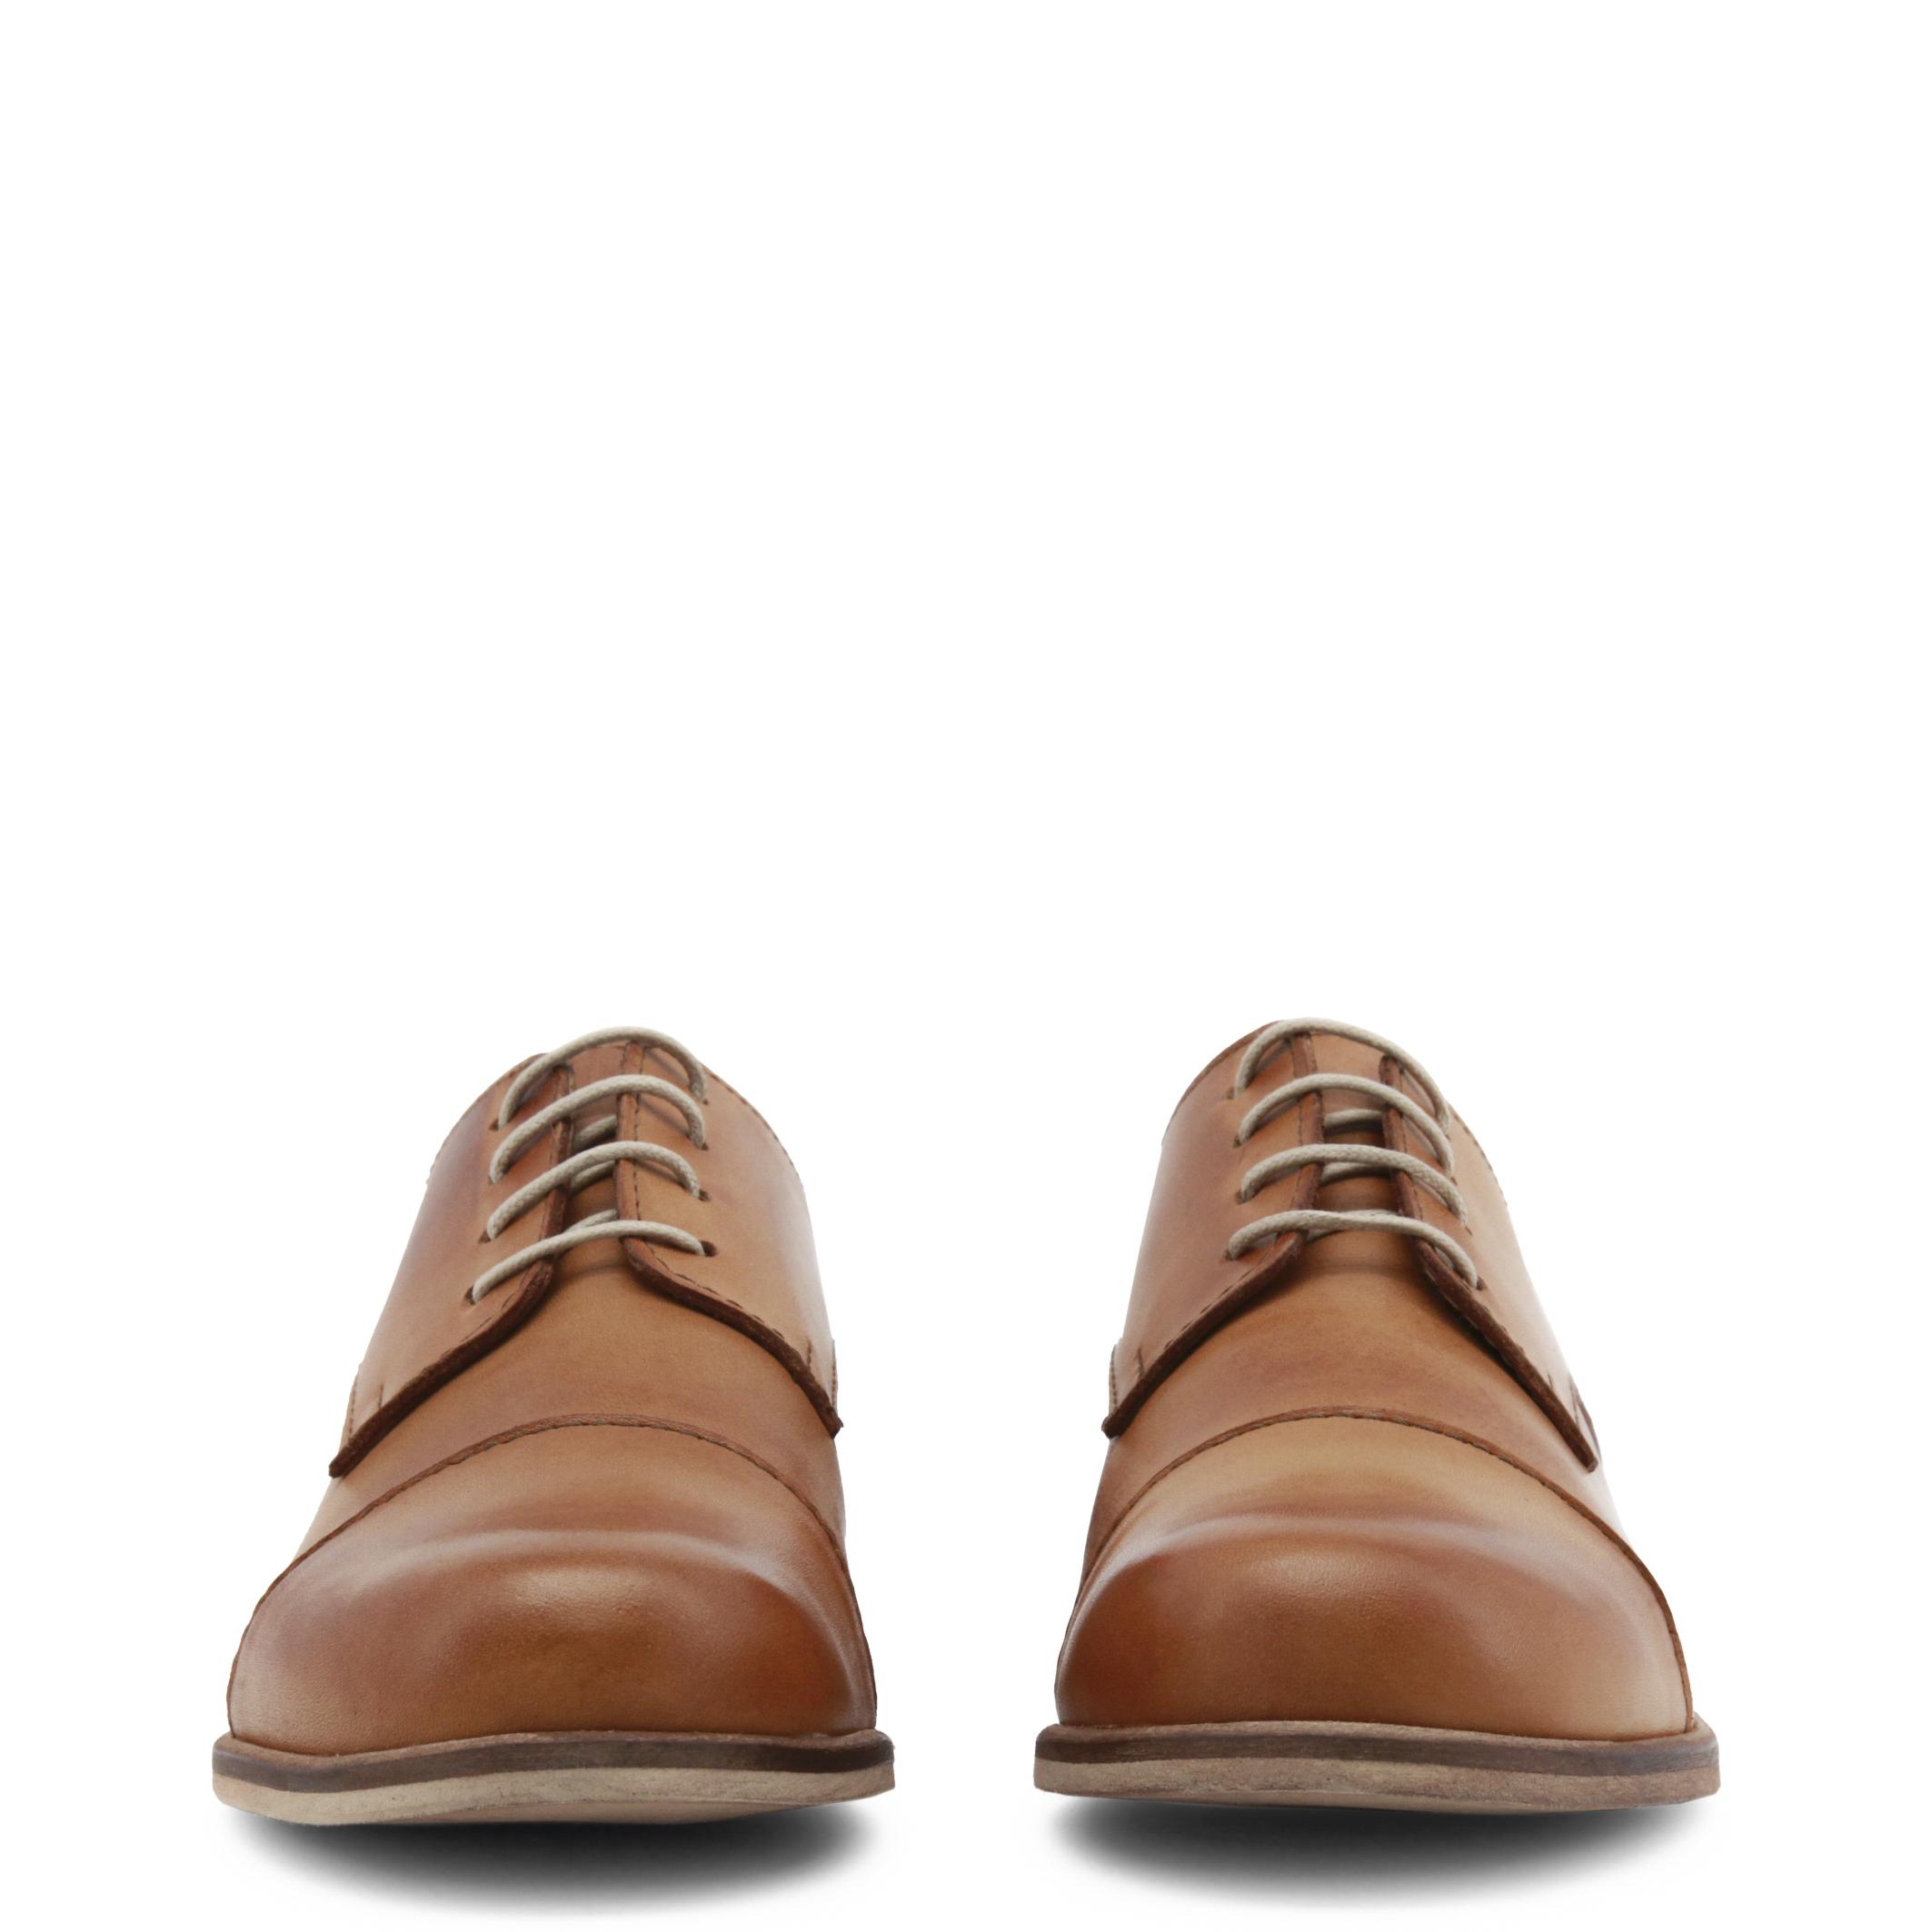 Scarpe-stringate-Made-in-Italia-BOLERO-Donna-Marrone-89153 miniatura 3